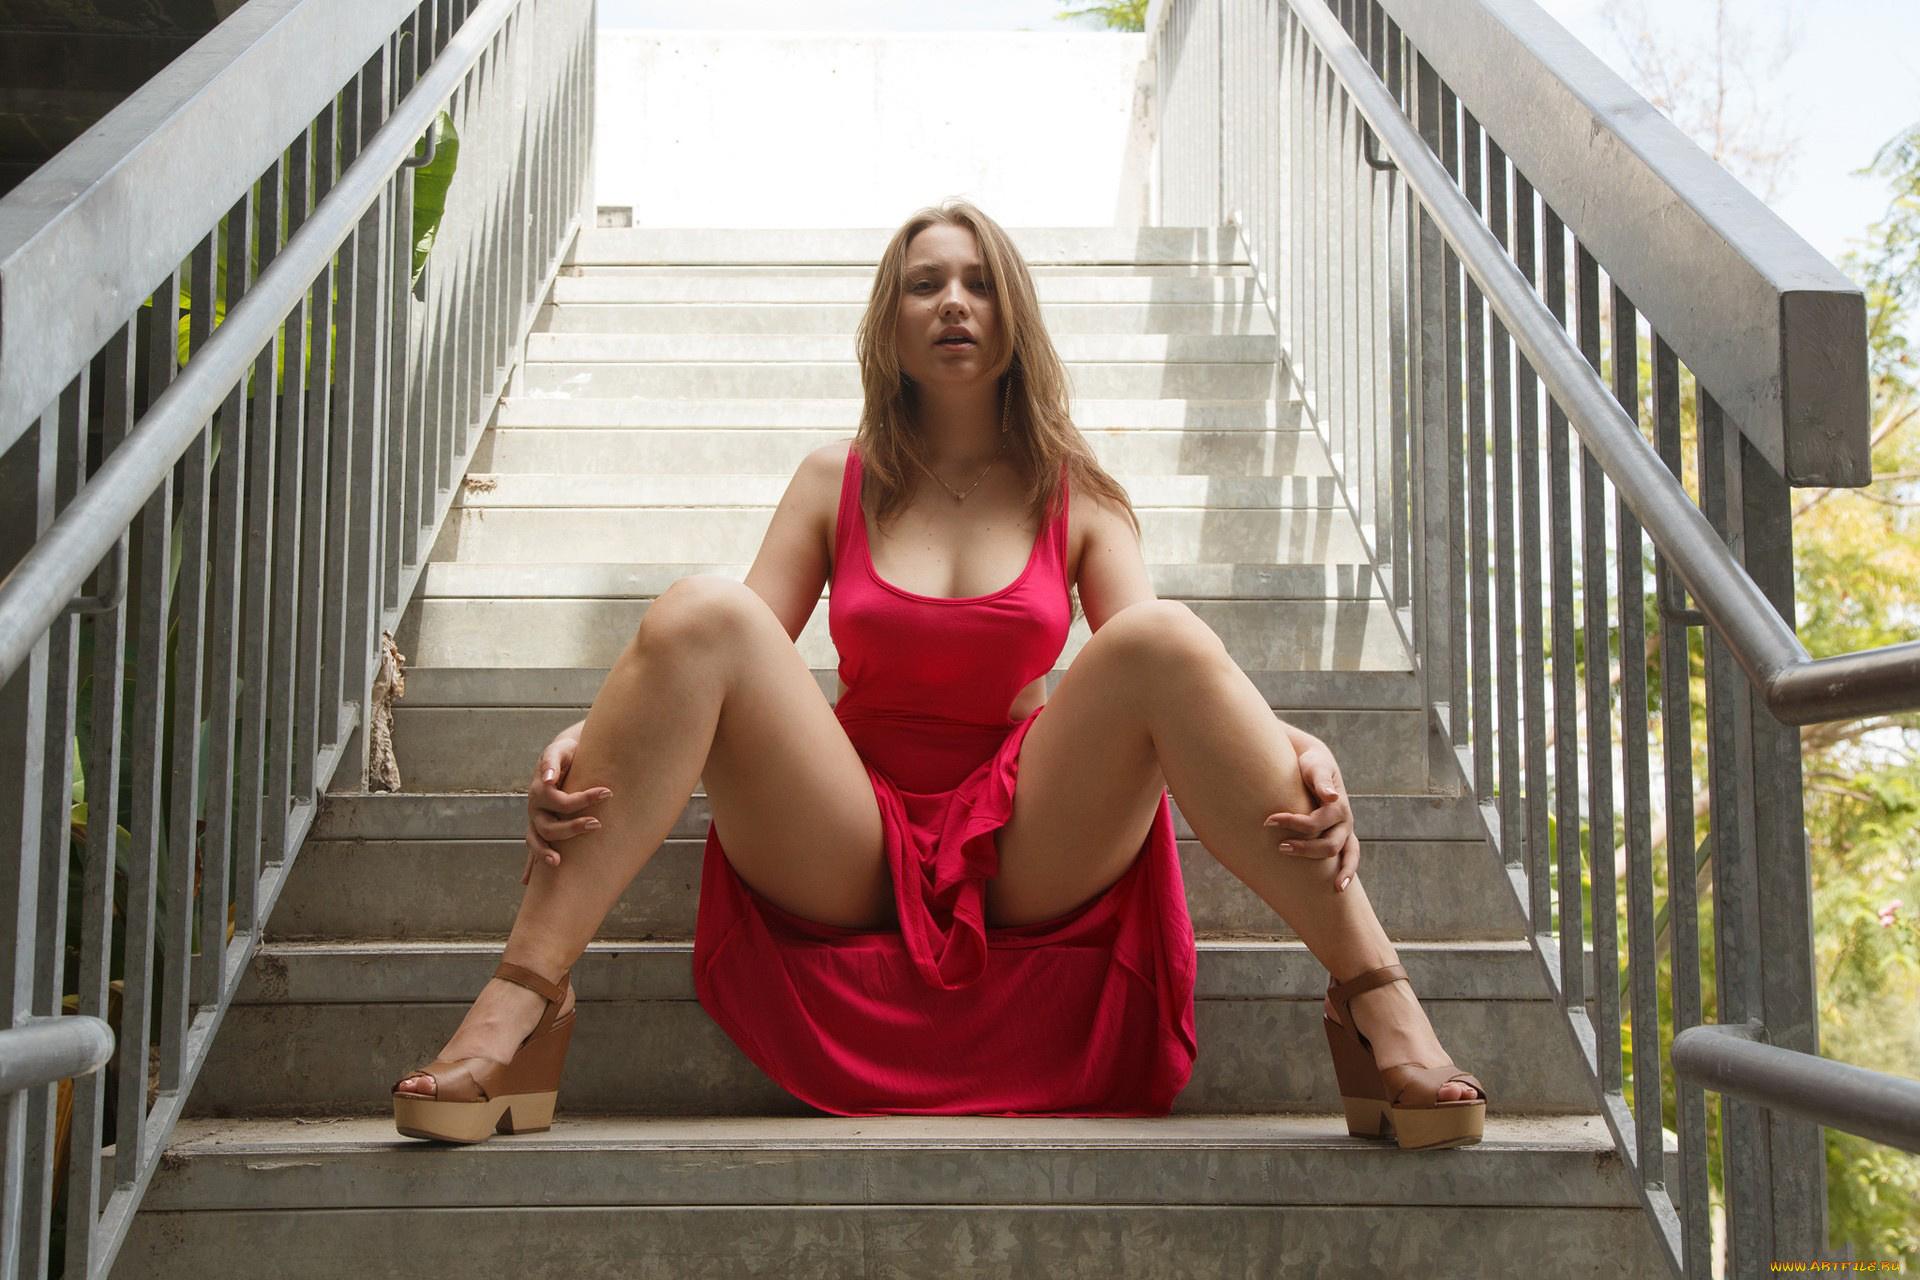 порно девушка раздвигает ножки фото почувствовала, как один